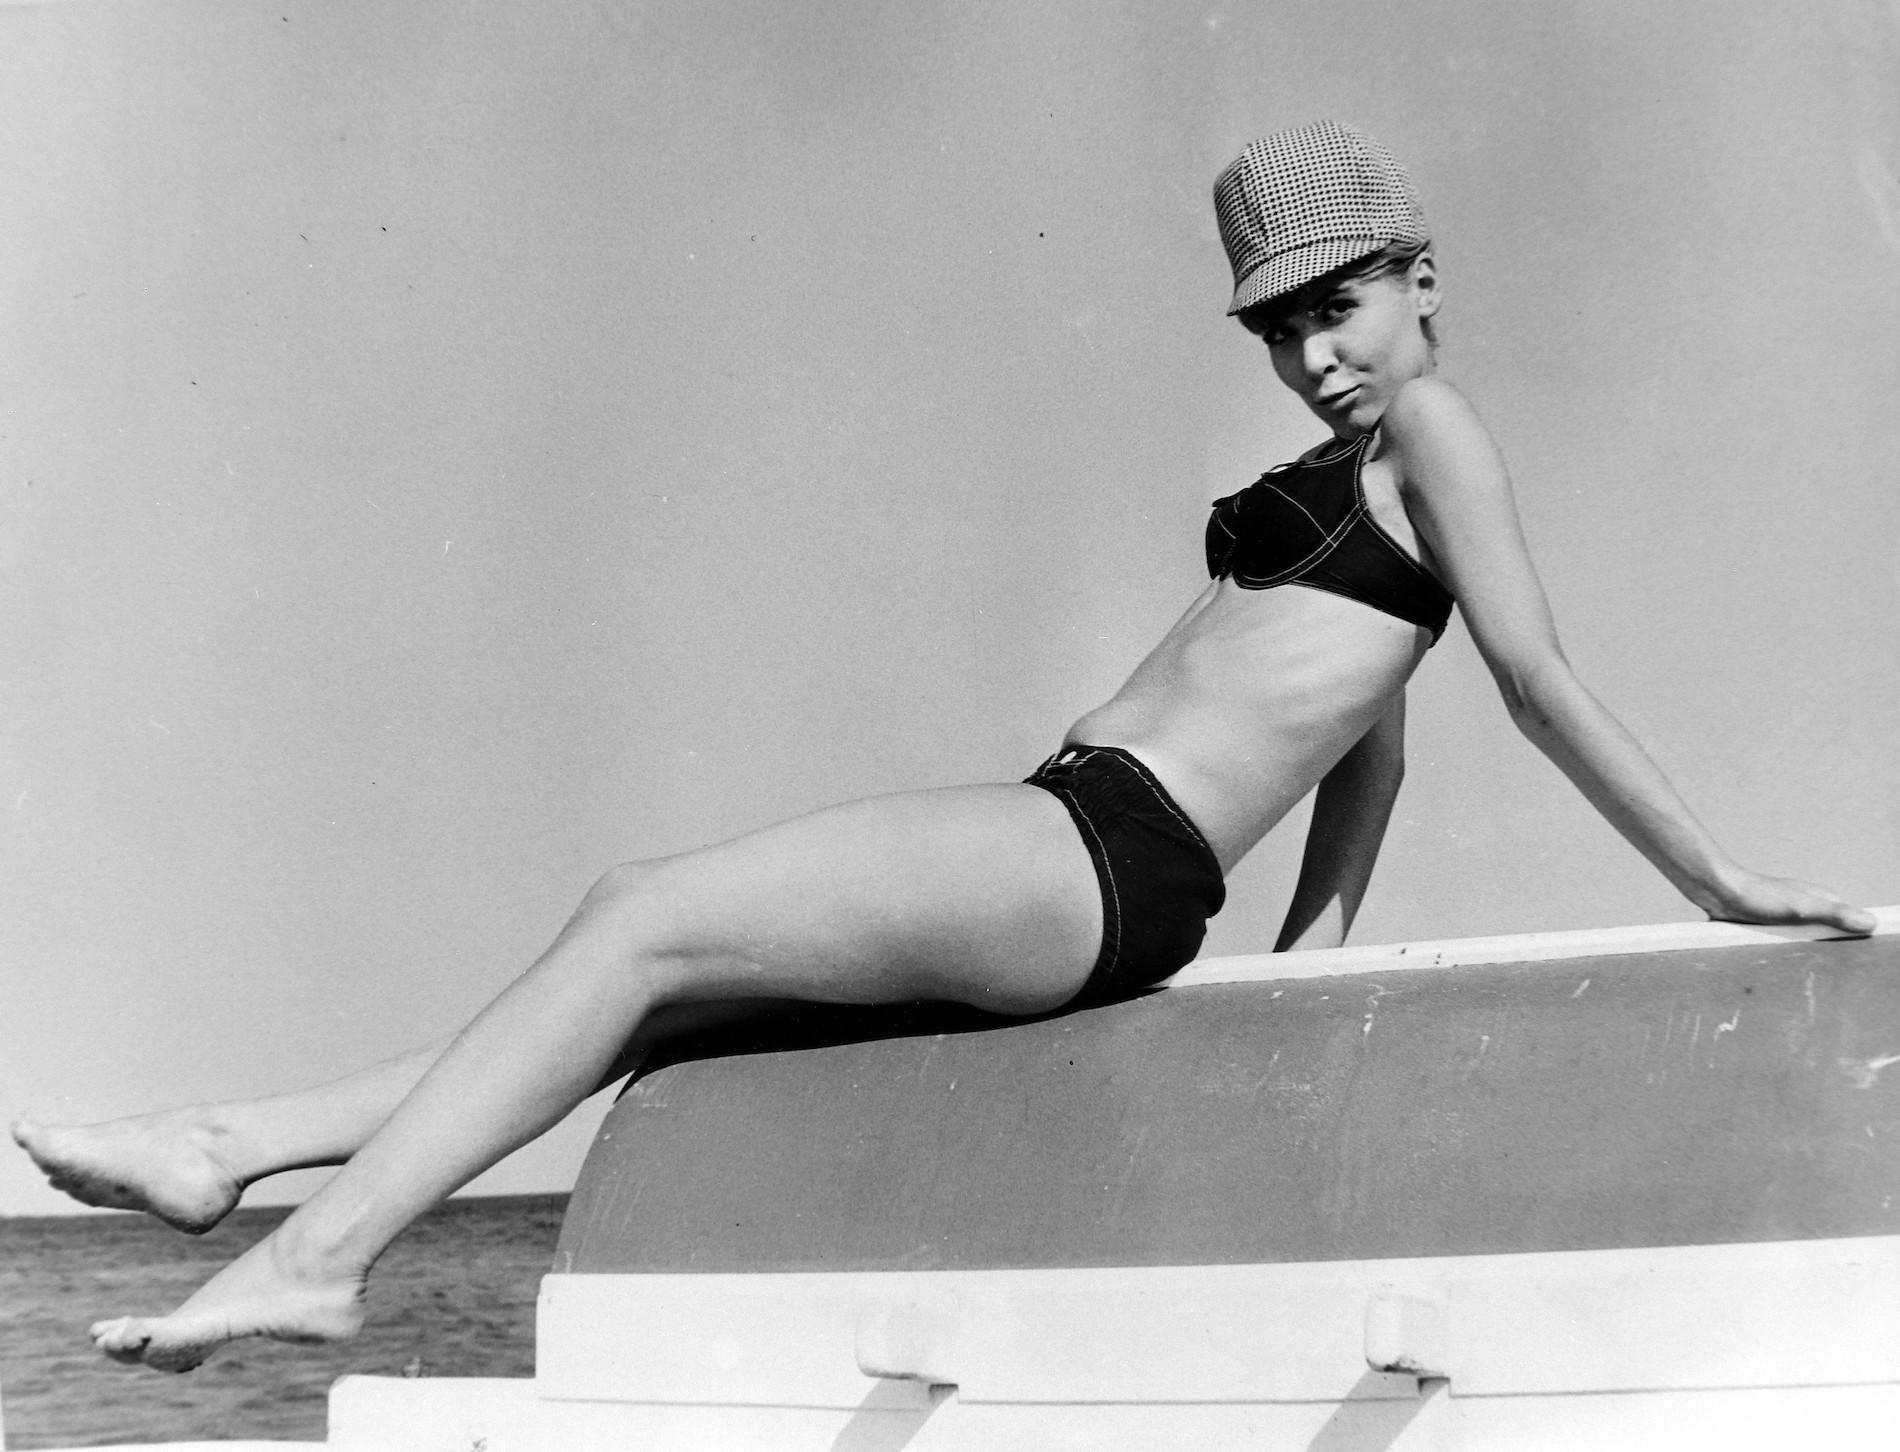 bikini-spain.jpg